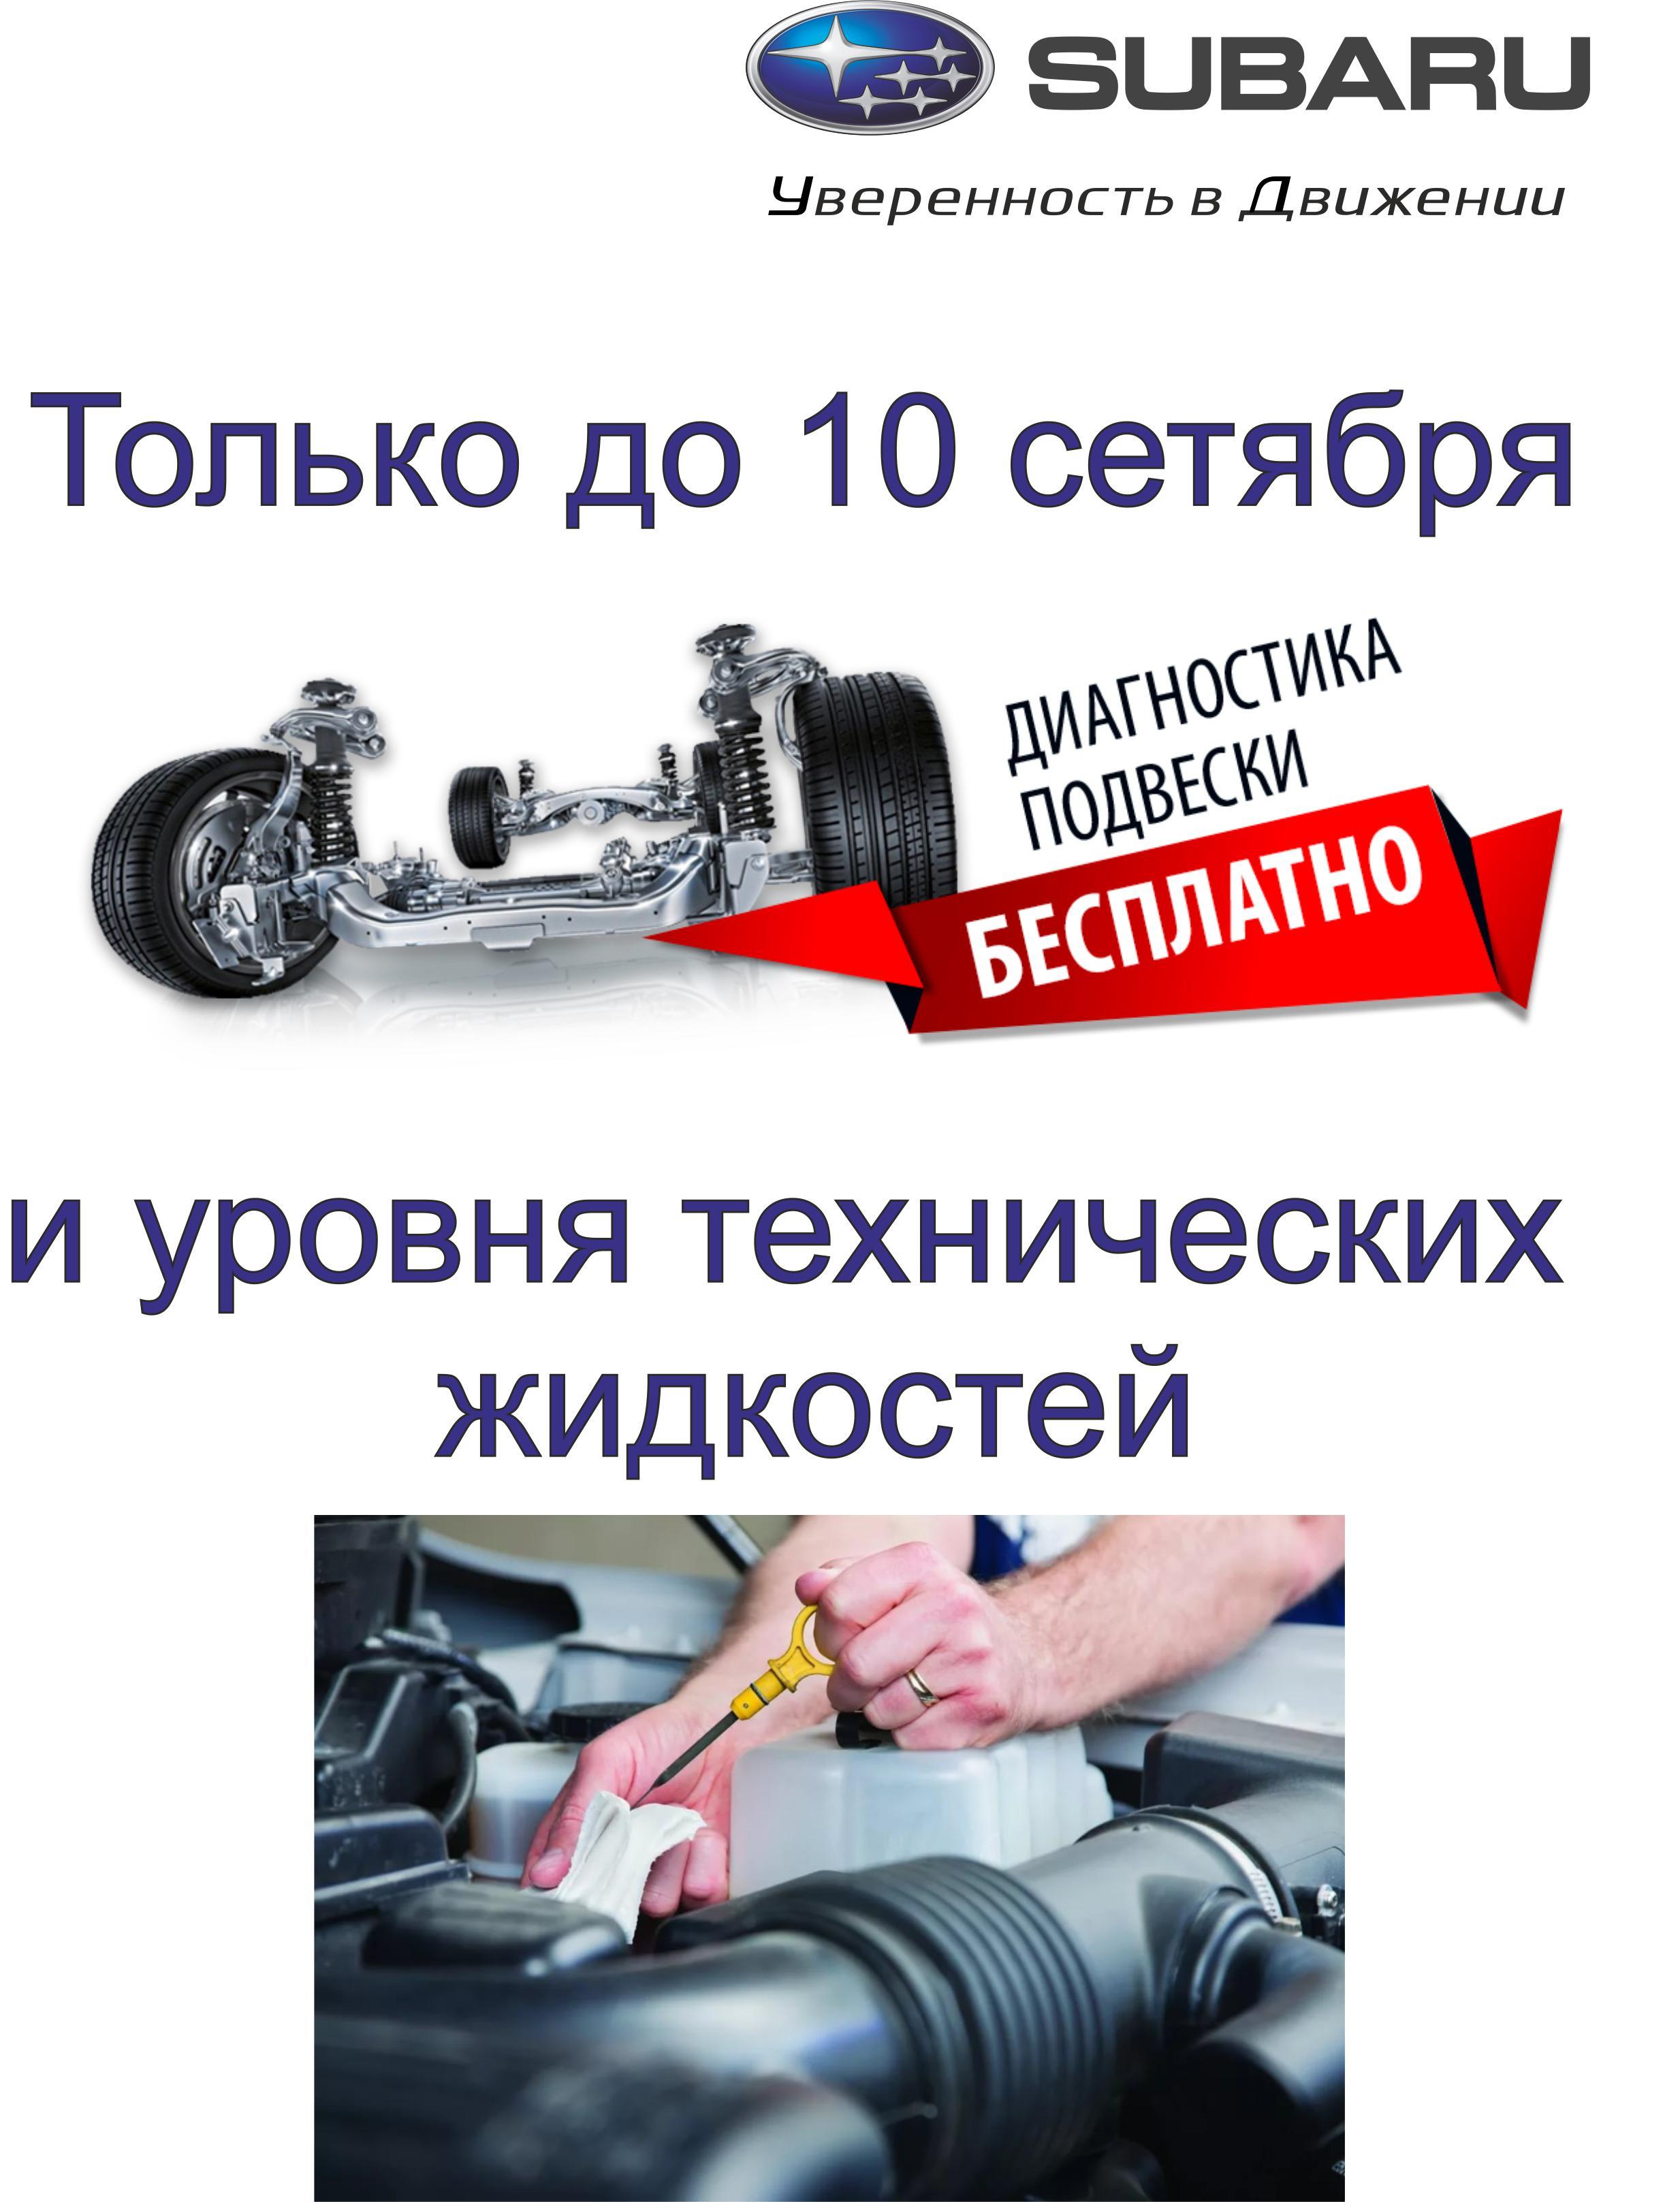 Проверка Ходовой и Уровня тех. жикостей БЕСПЛАТНО!